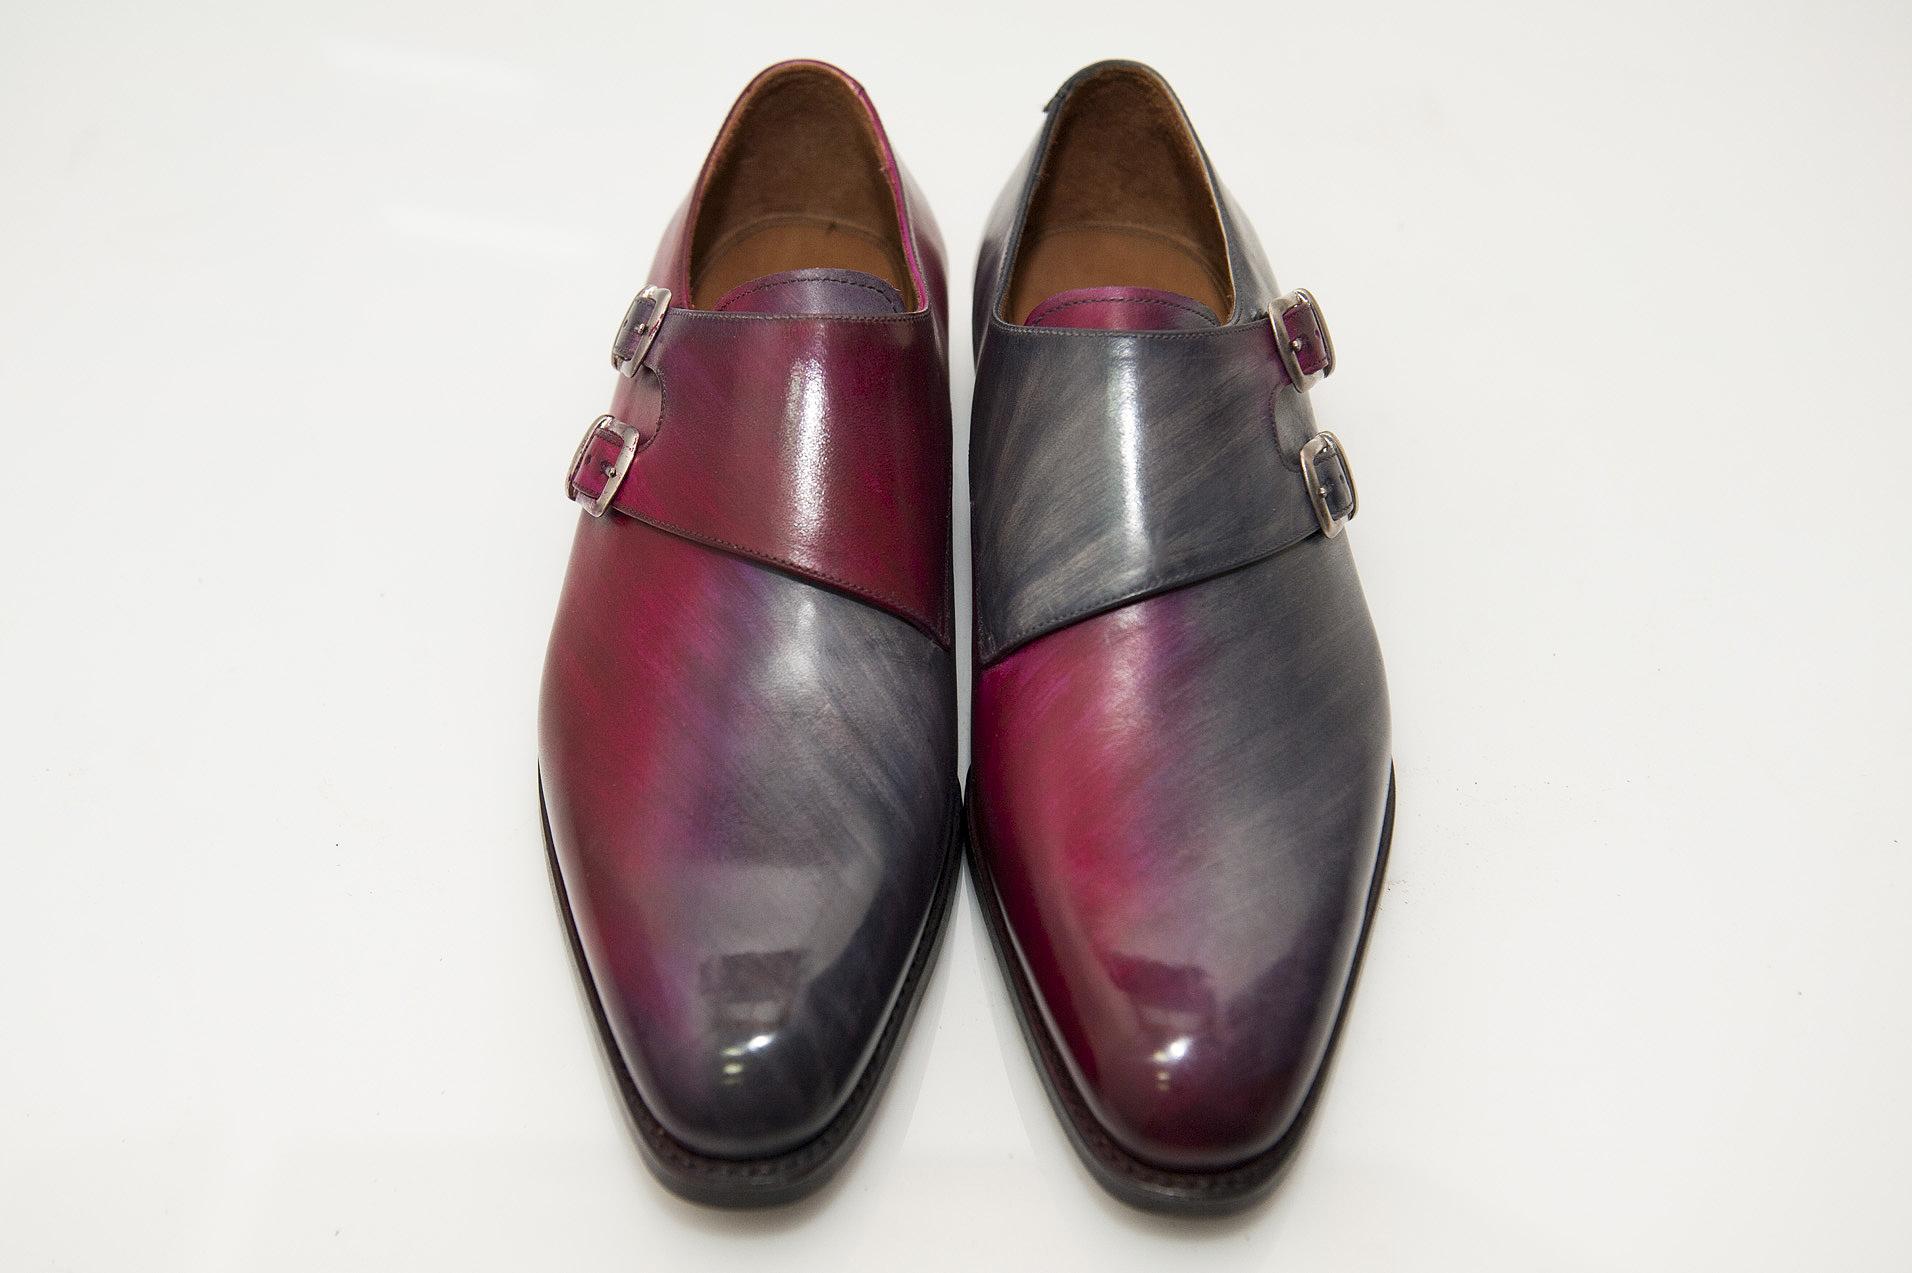 zapato-pátina